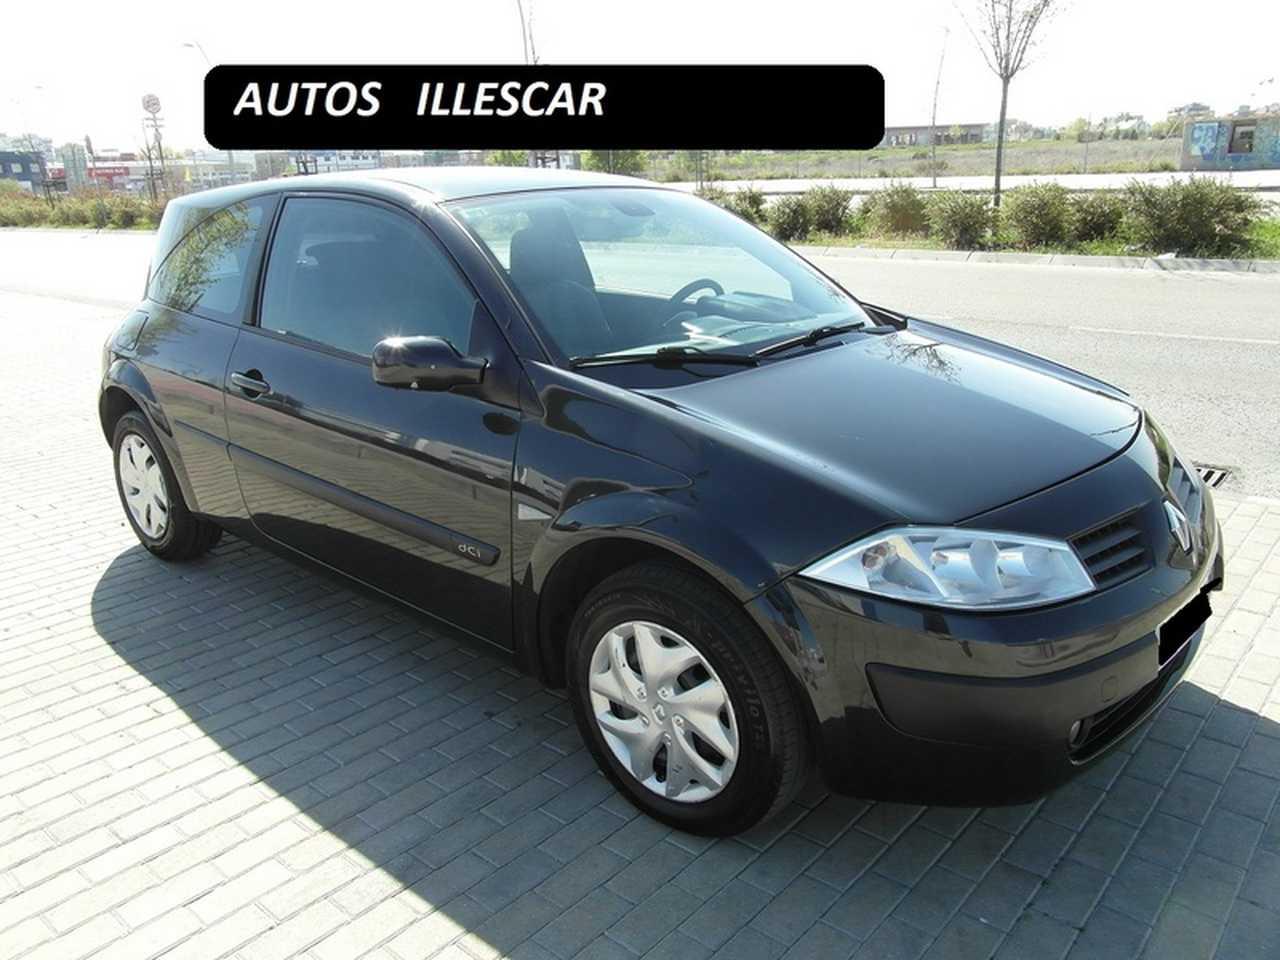 Renault Megane Coupe 1.5 DCI 100 CV MEJOR VER  - Foto 1